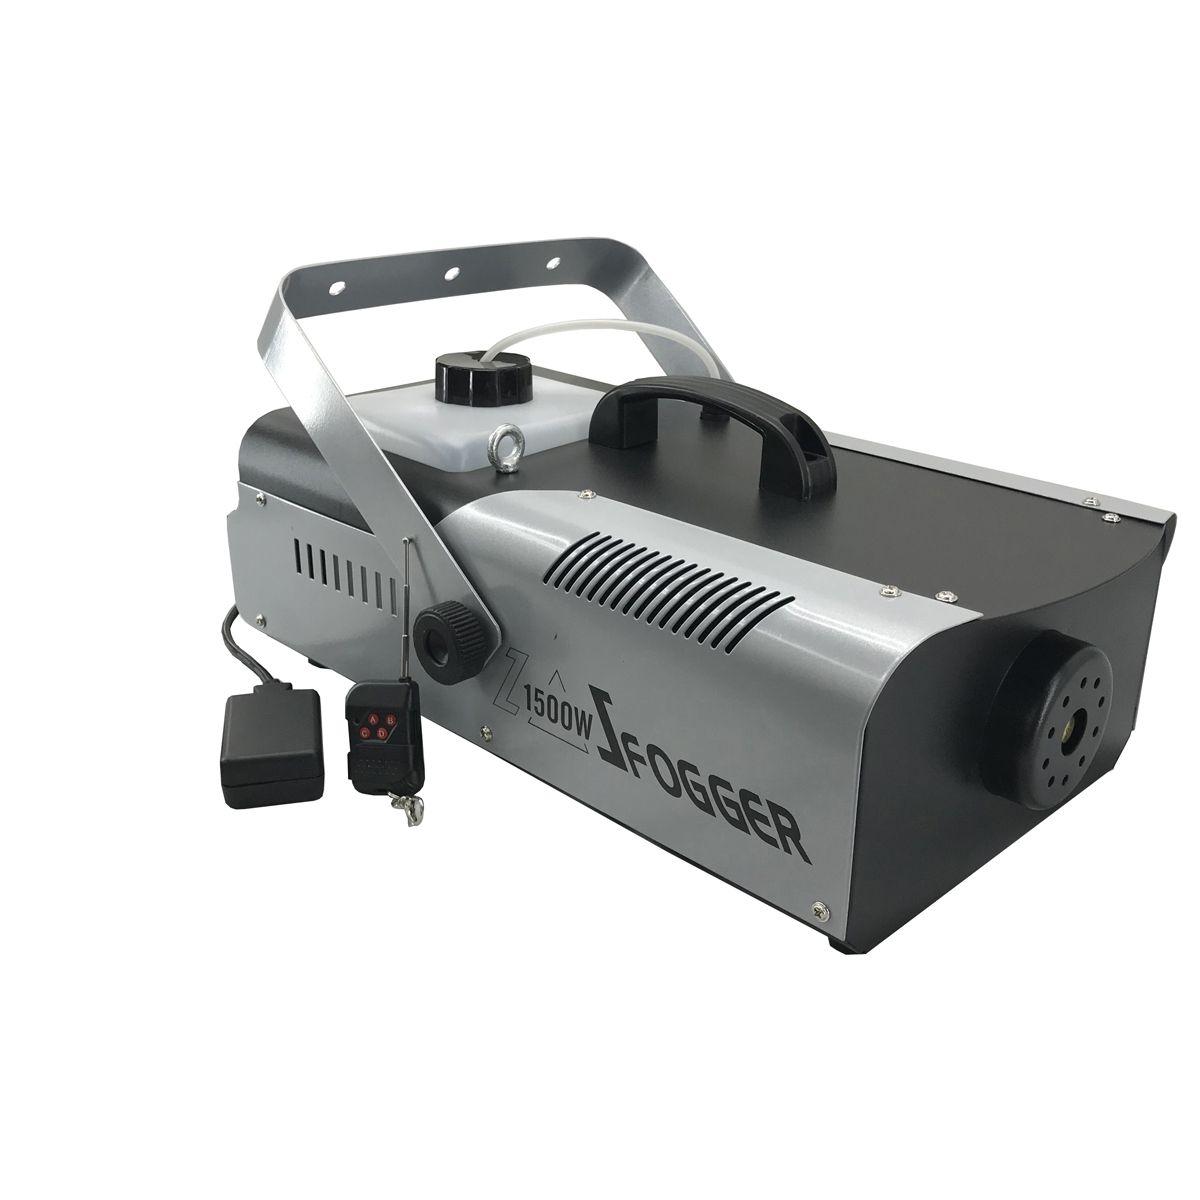 Máquina de Fumaça BX 1500w / 220v DMX com Controle s/ Fio - Briwax